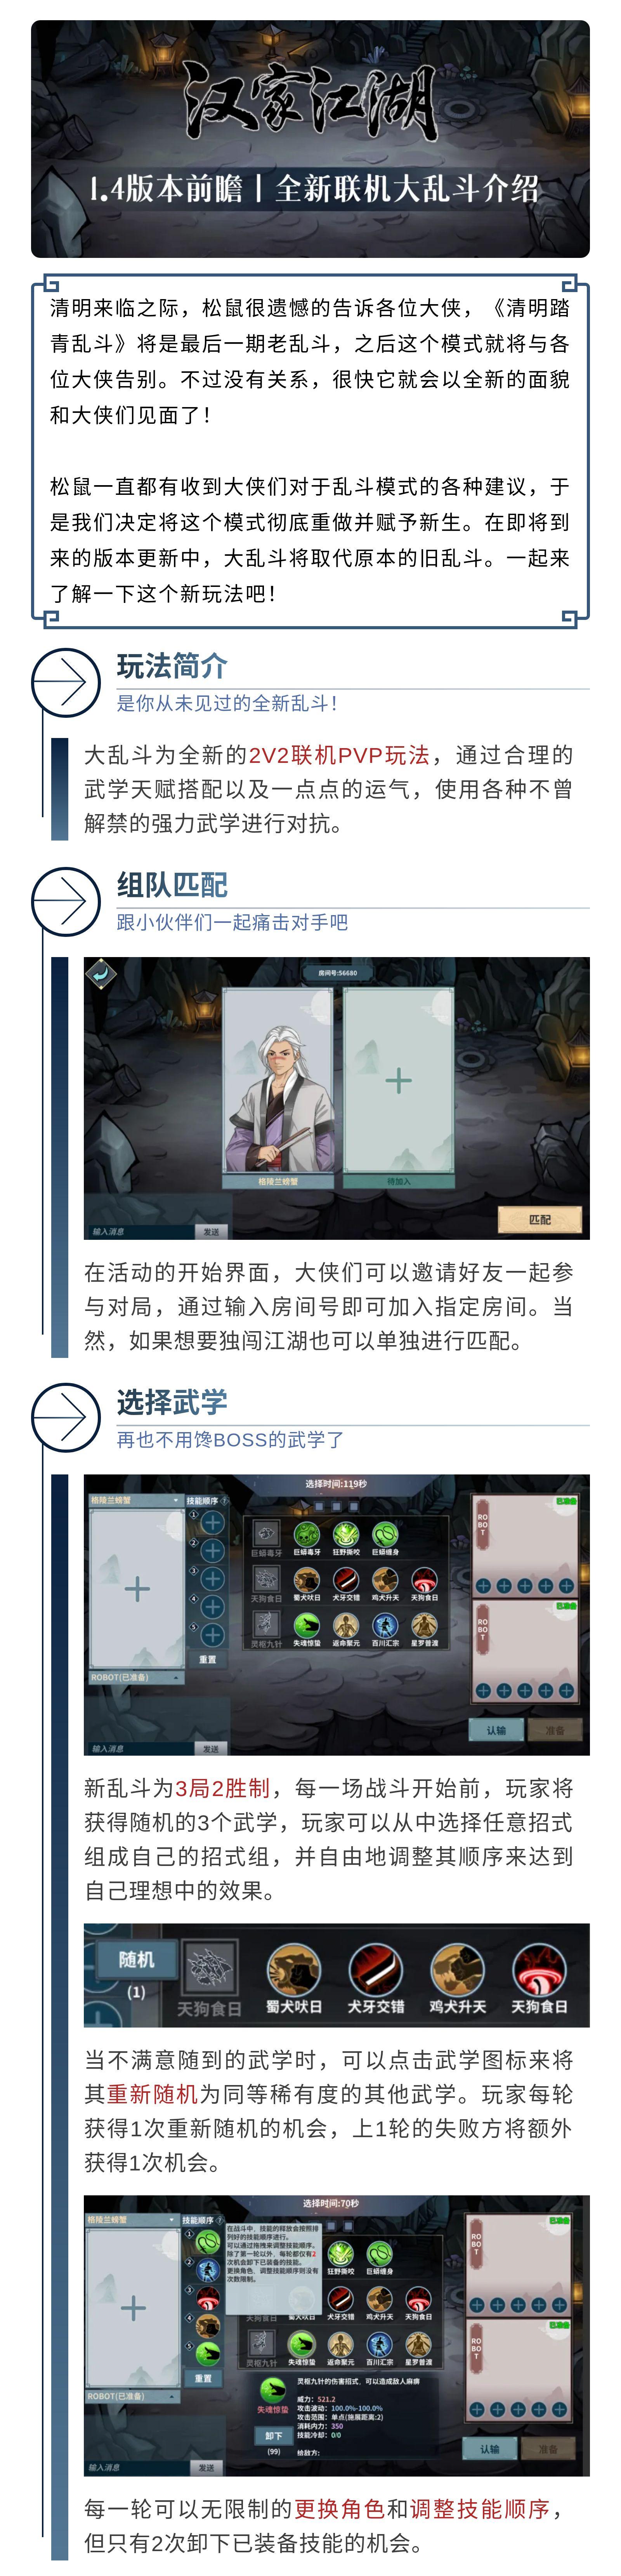 【汉家江湖】1.4版本前瞻 | 全新联机大乱斗介绍